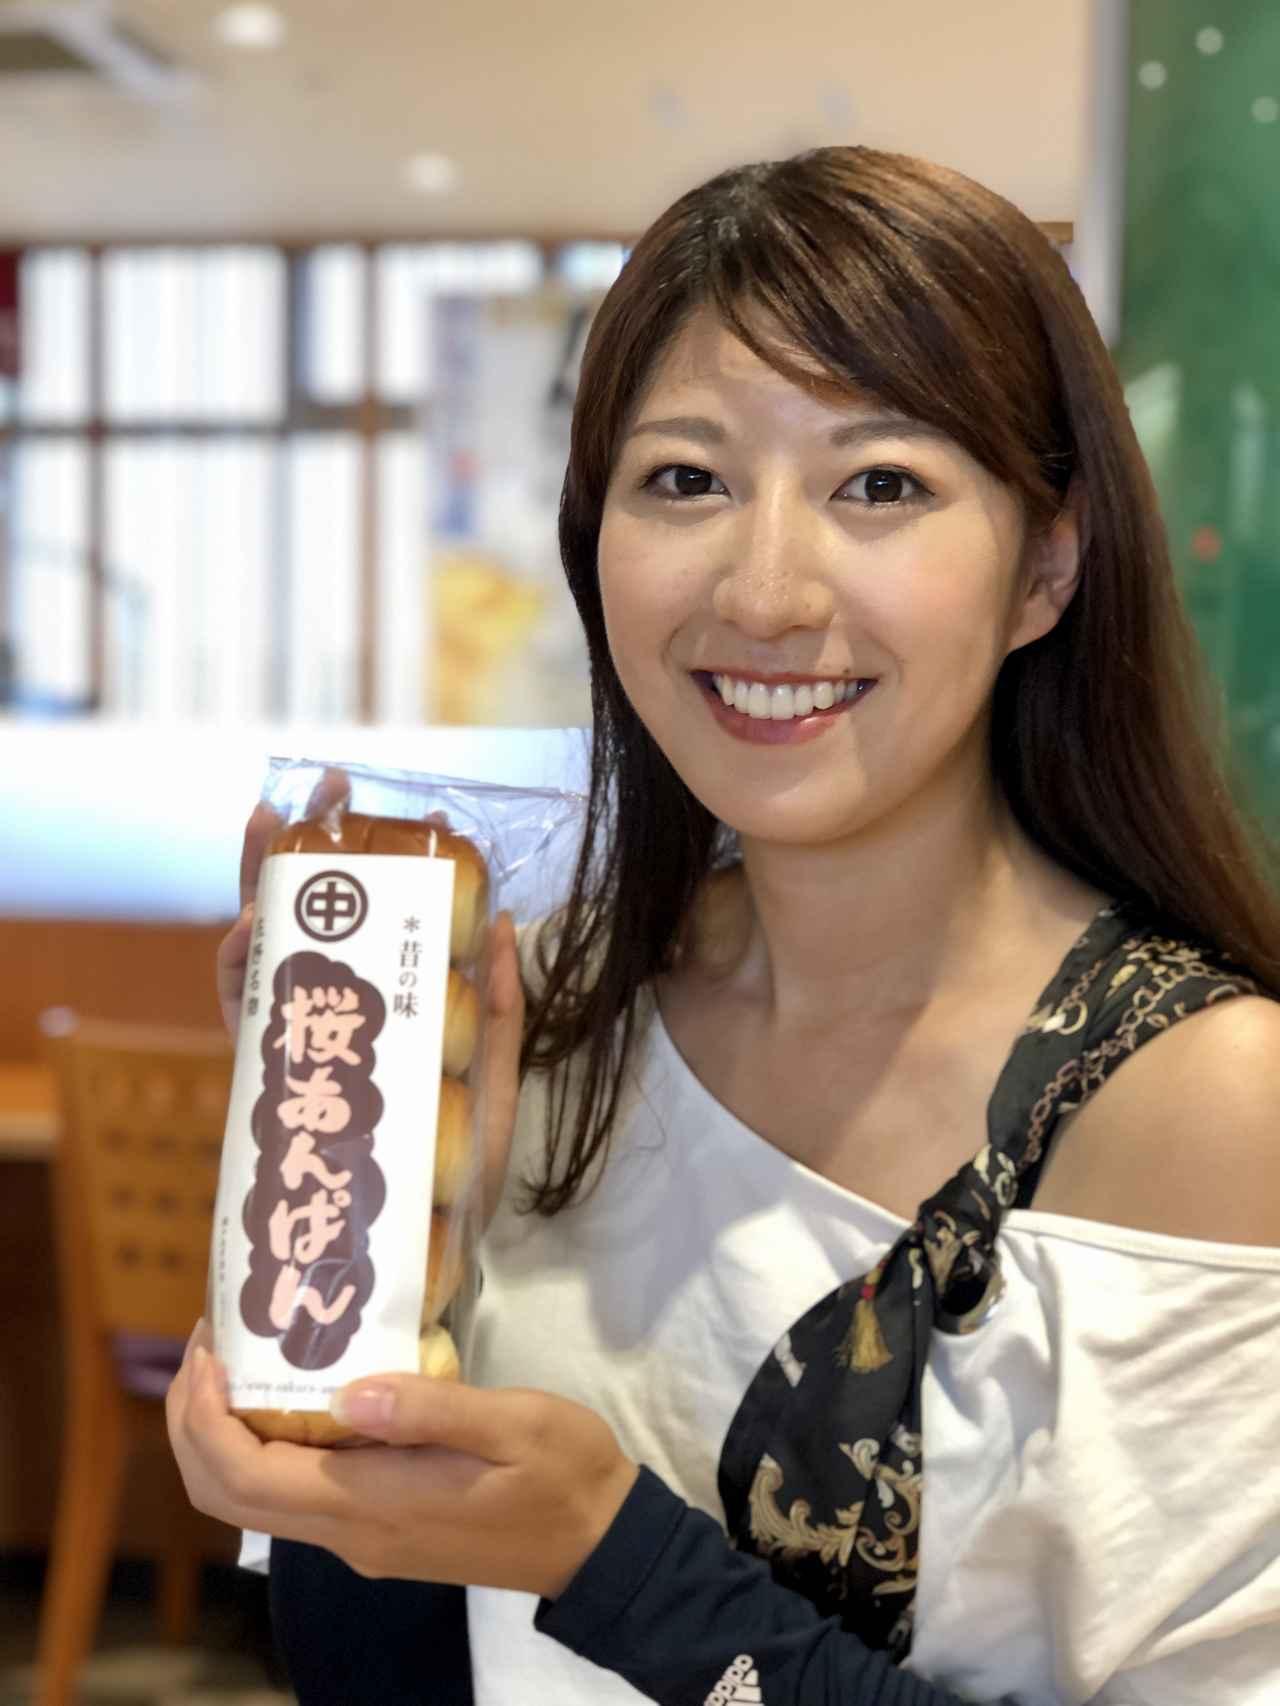 画像: せっかくなので「桜あんぱん」を購入! 5個入り720円なのですが、1個1個が予想以上のボリュームでした…。美味しかったですよ。